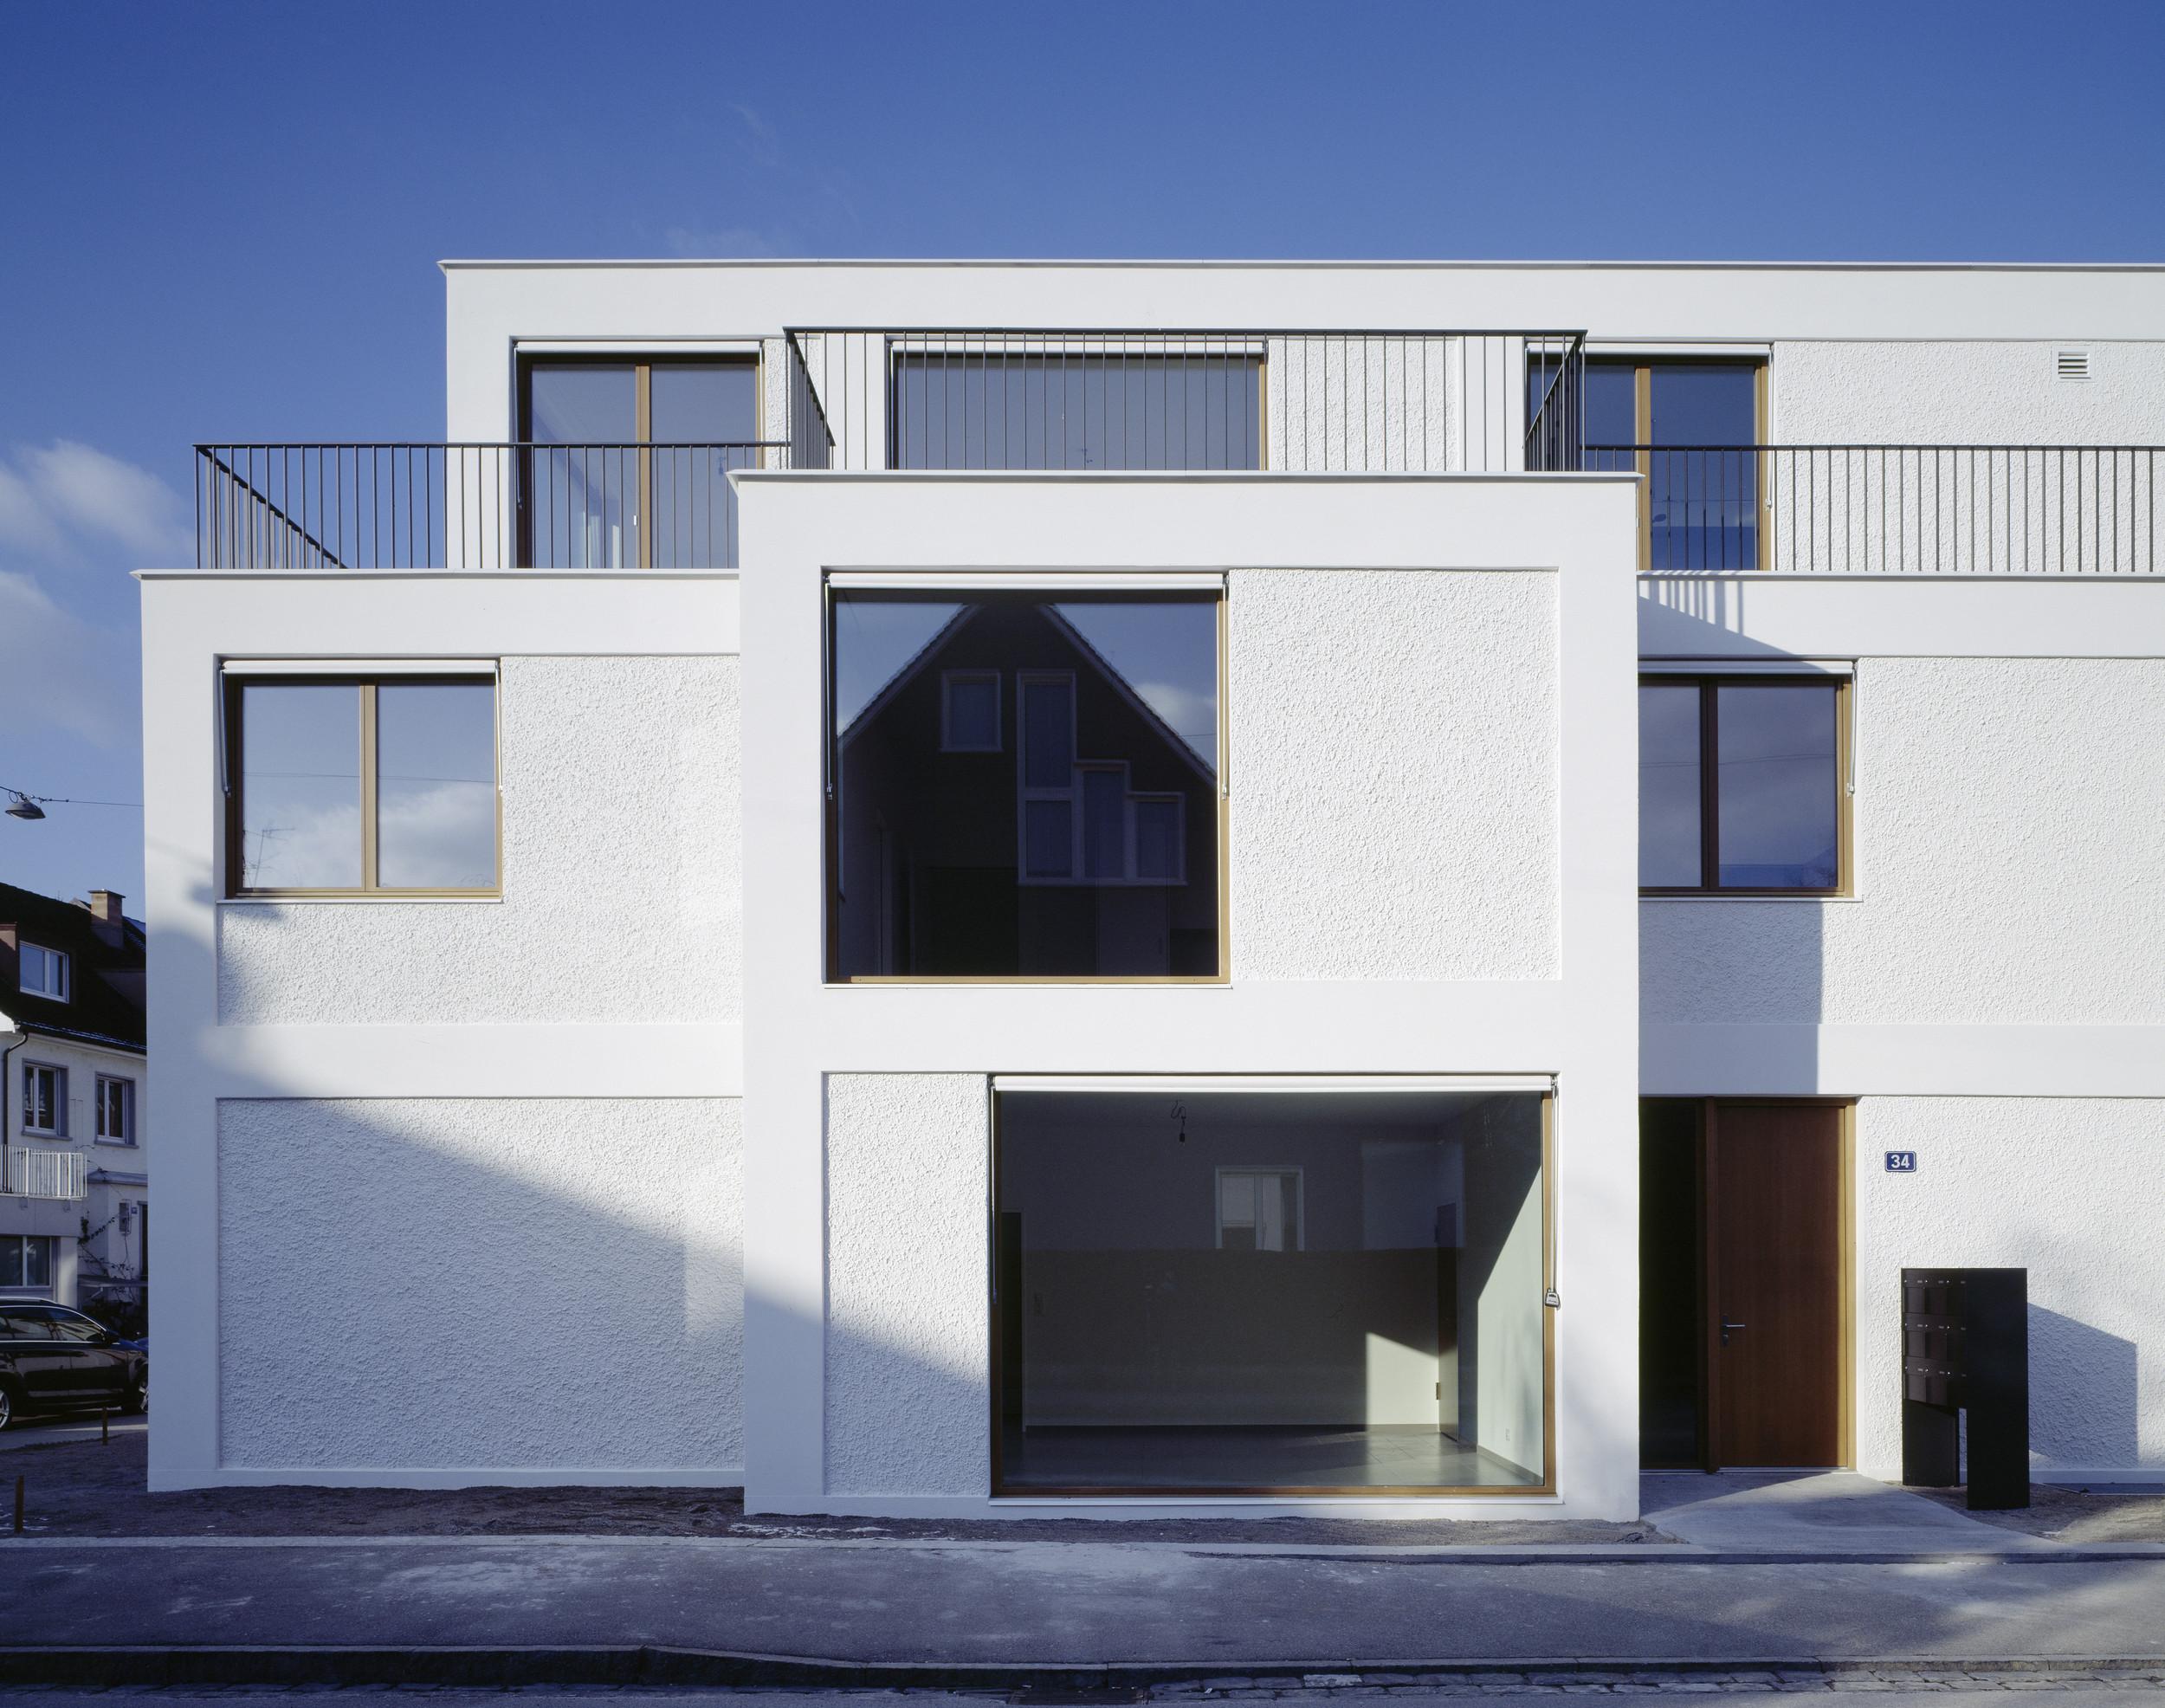 3-geschossiges Wohngebäude mit verschieden grossen Fenstern und weisser Fassade